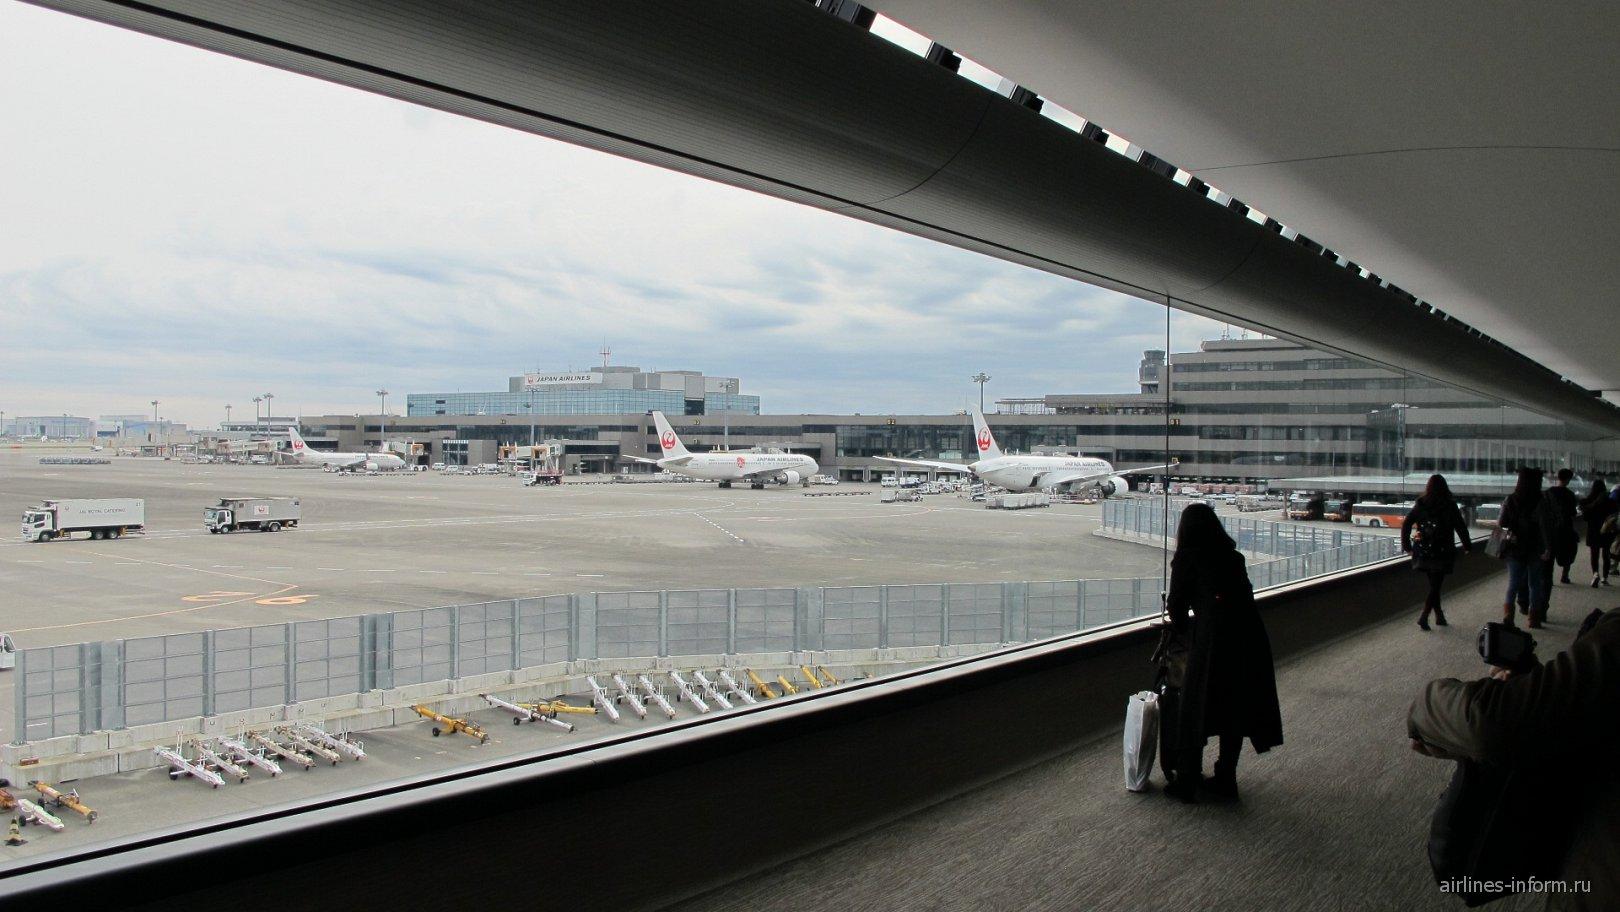 Переход со стеклянной стеной в аэропорту Токио Нарита